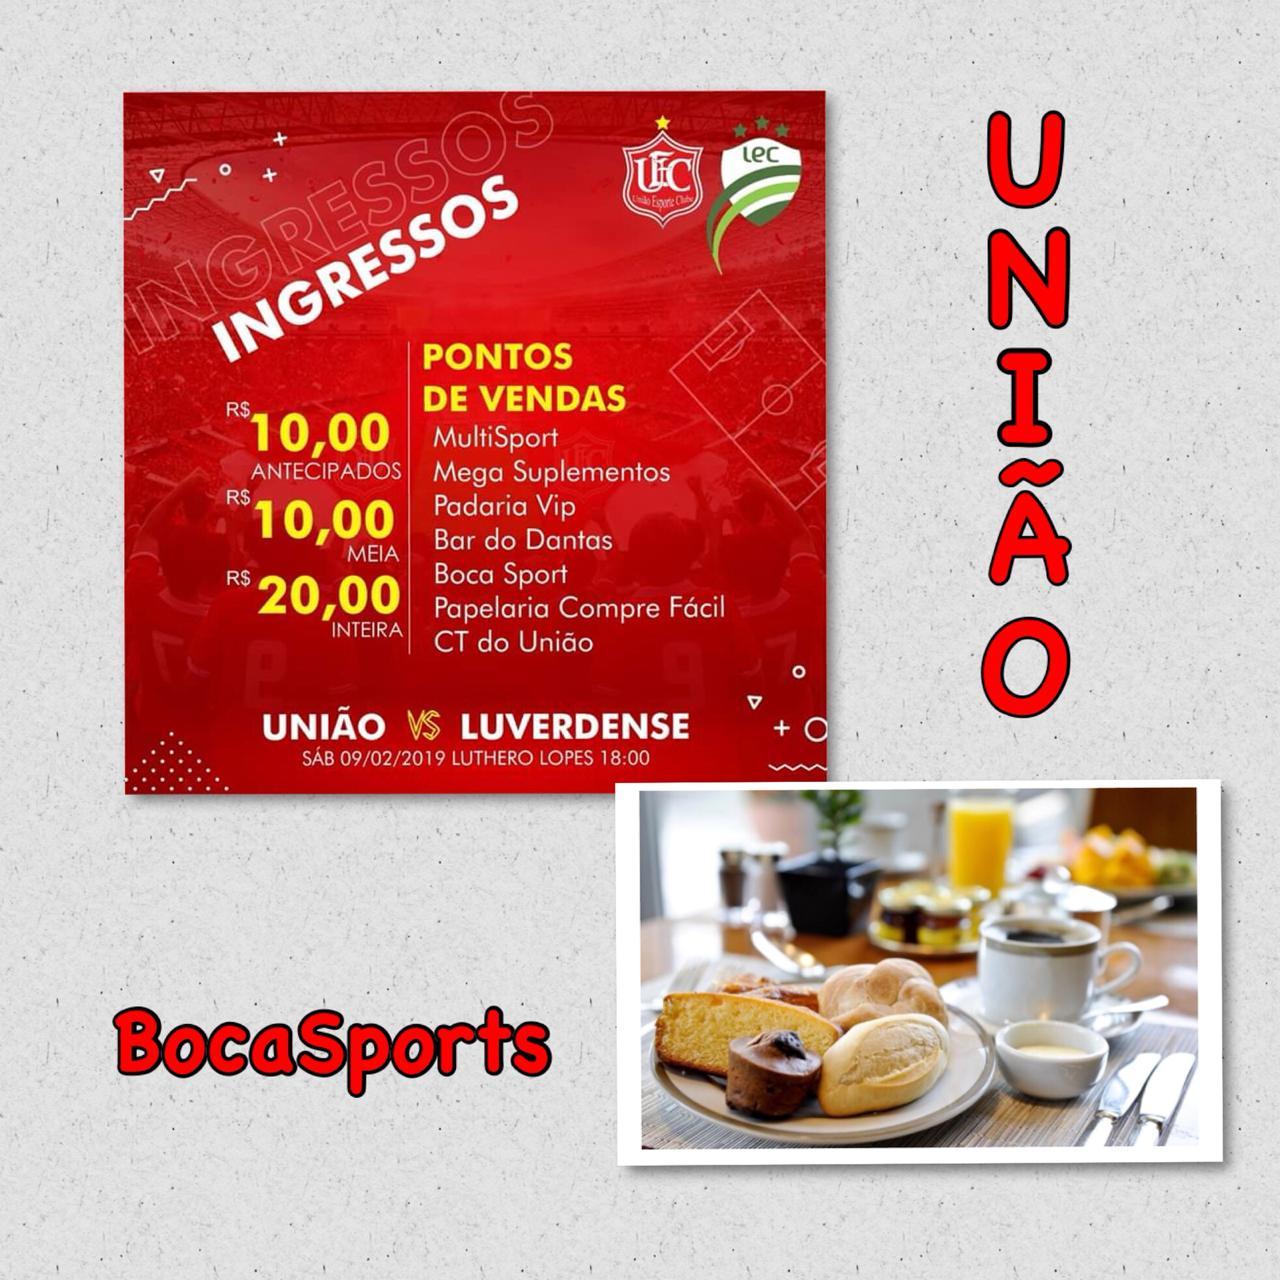 498d9996f Loja Boca Sports promoverá neste sábado (9) um delicioso café da manhã para  clientes e torcedores do União E.C - Cidade nos Esportes